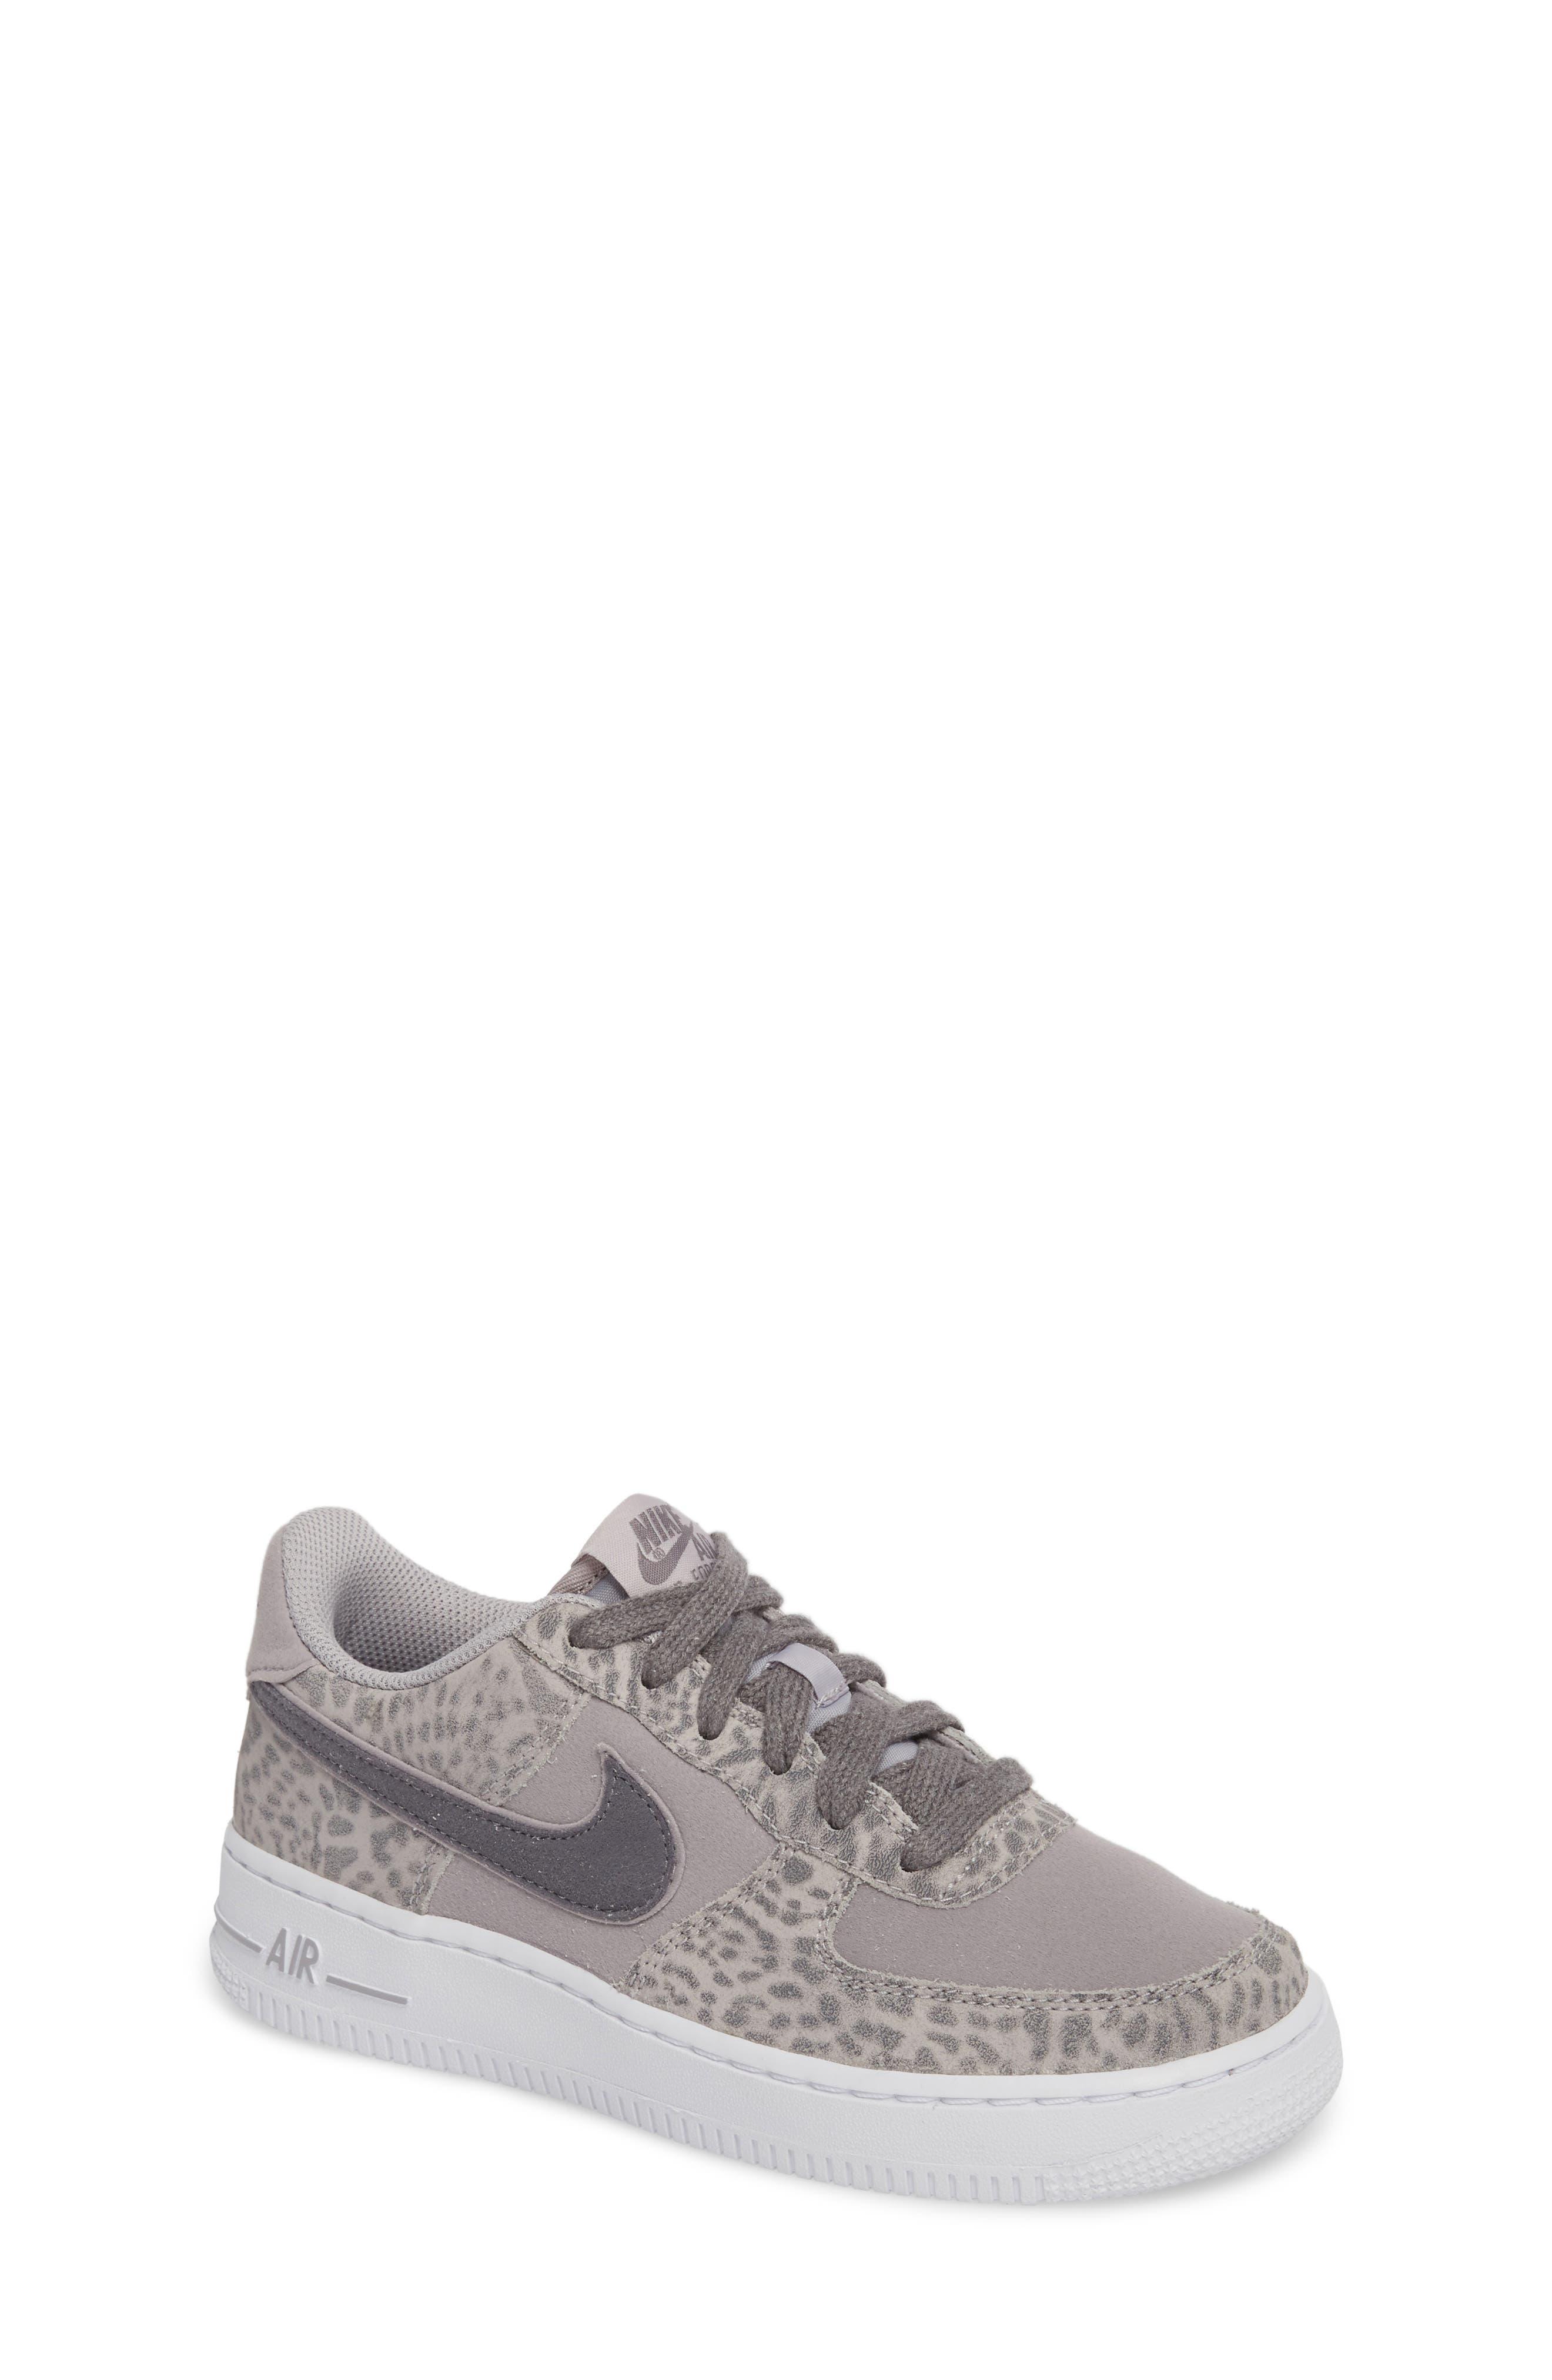 Air Force 1 LV8 Sneaker,                         Main,                         color, 020